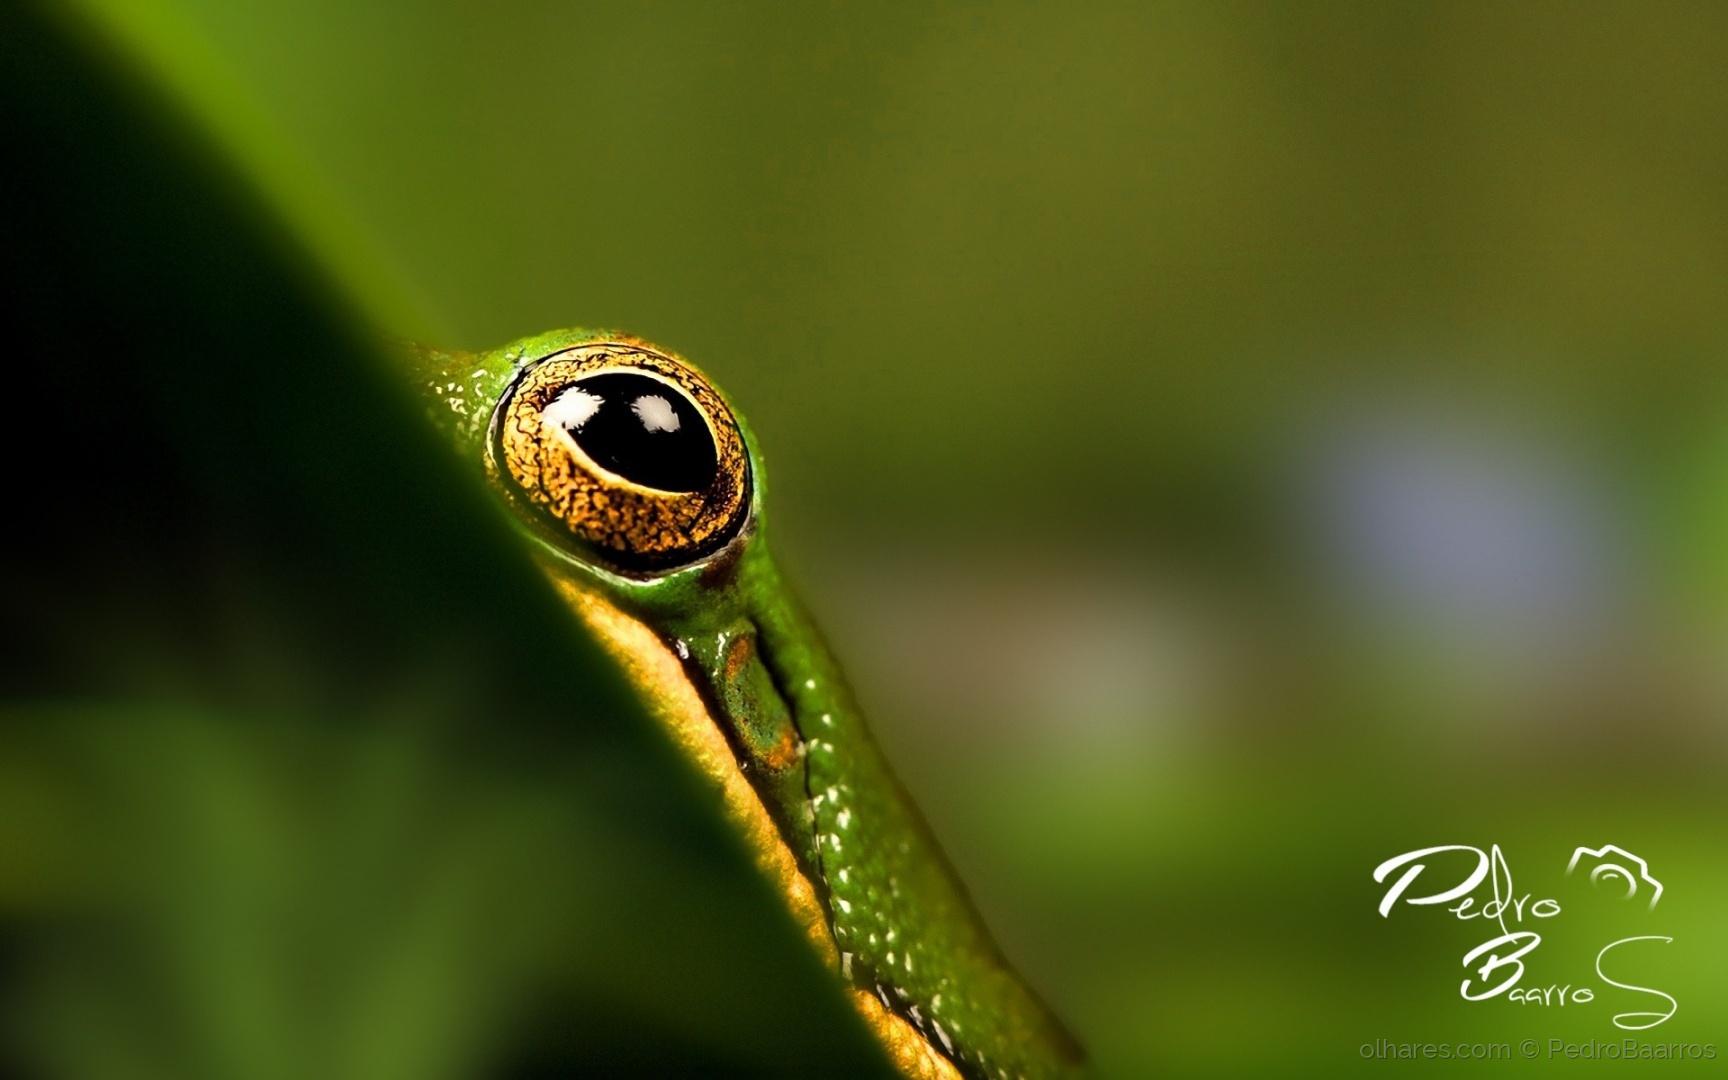 Macro/Frog eye